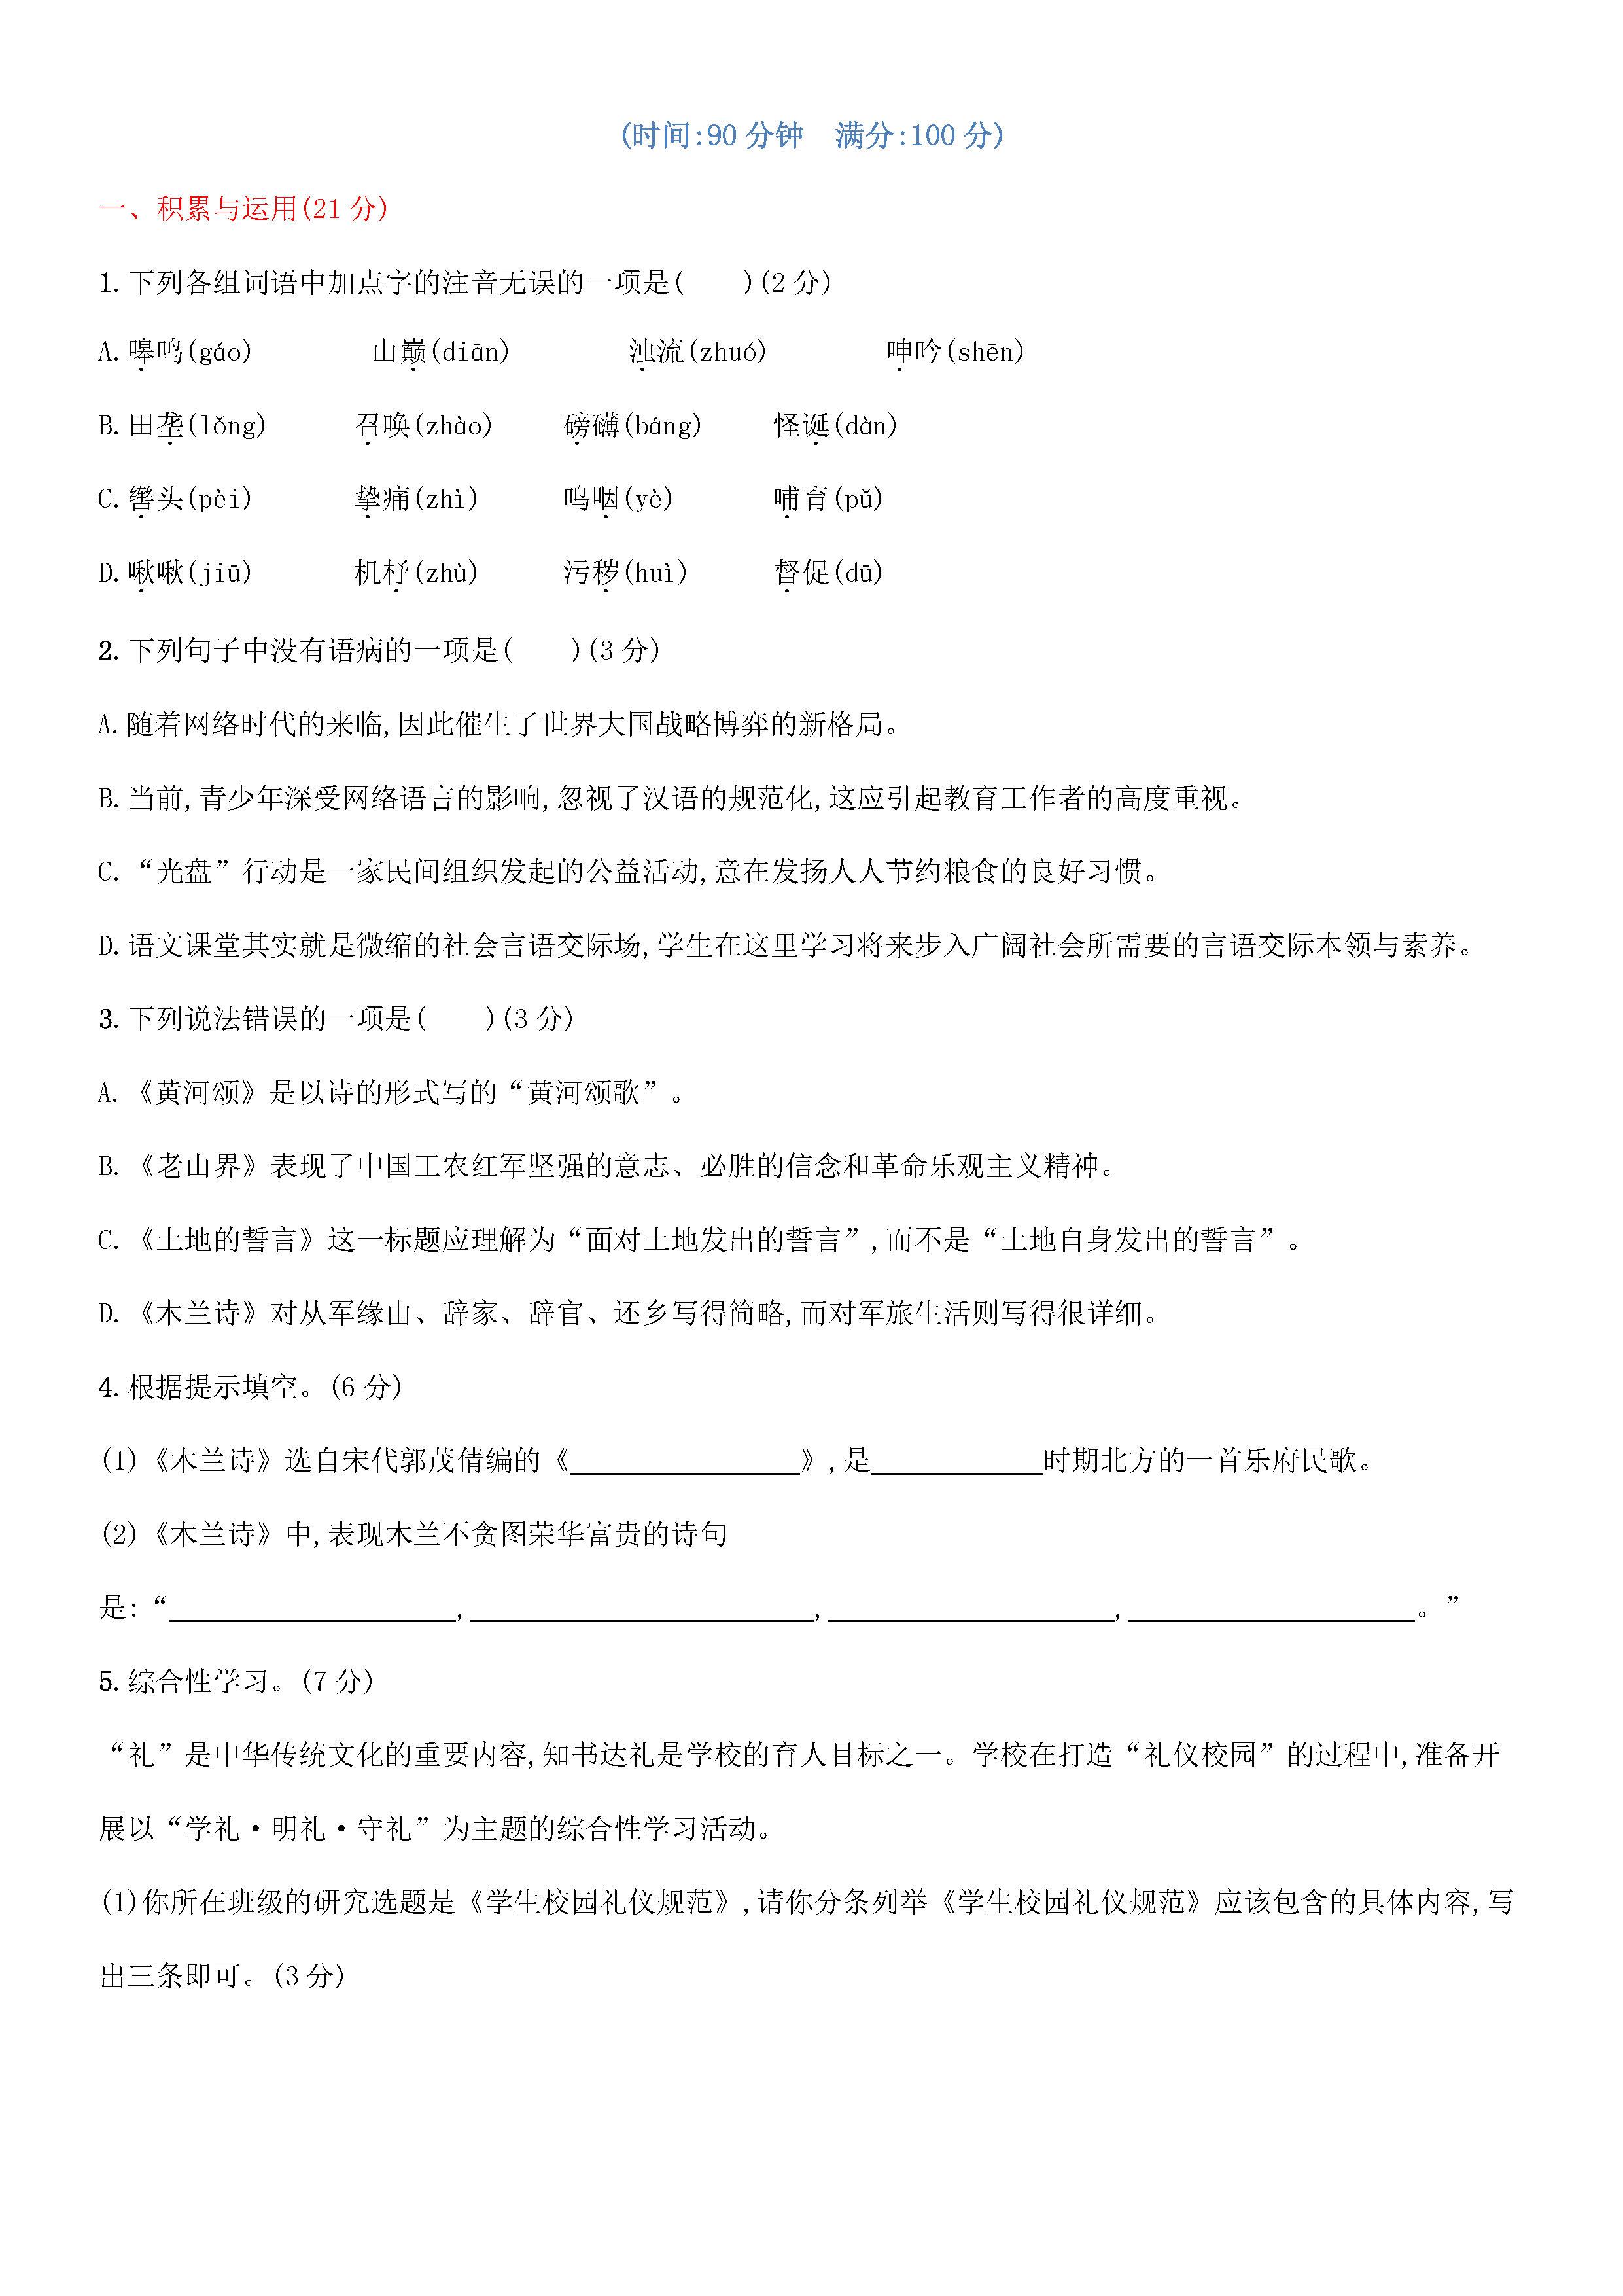 2018-2019初一年级语文下册期末测试题含答案(人教版)